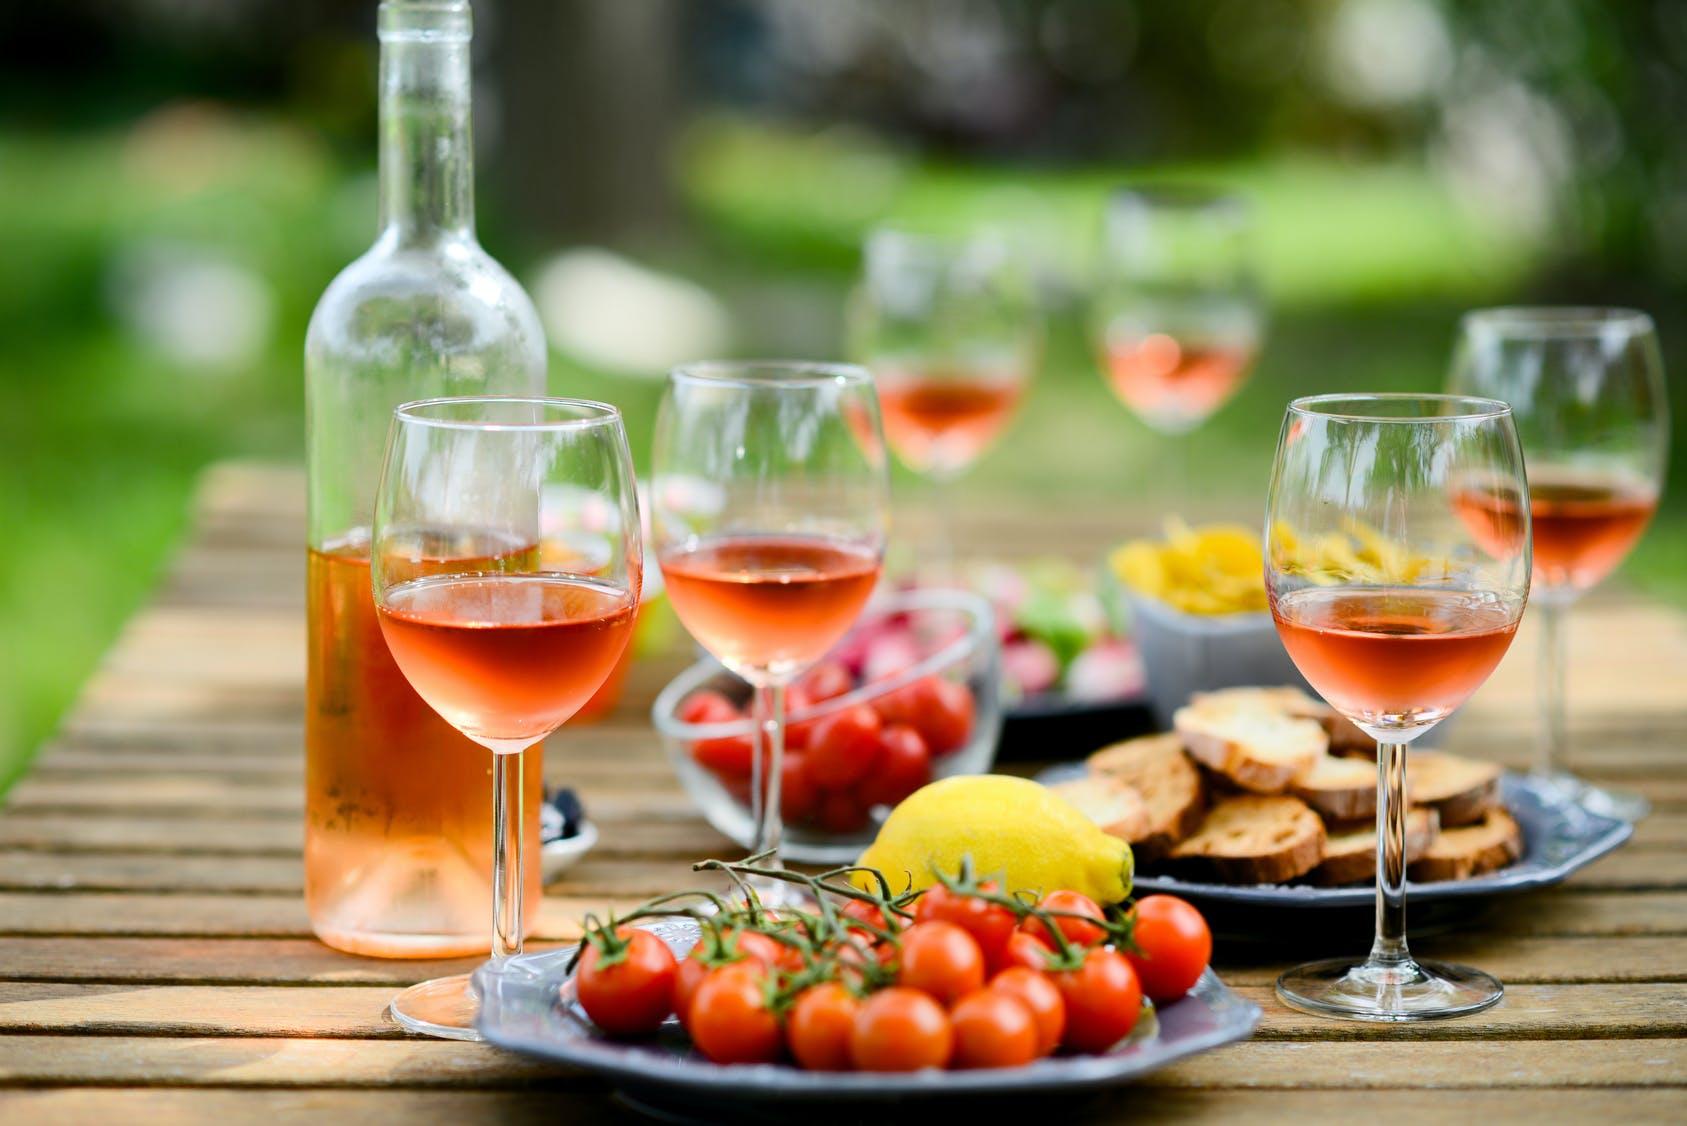 migliori vini rosati italiani